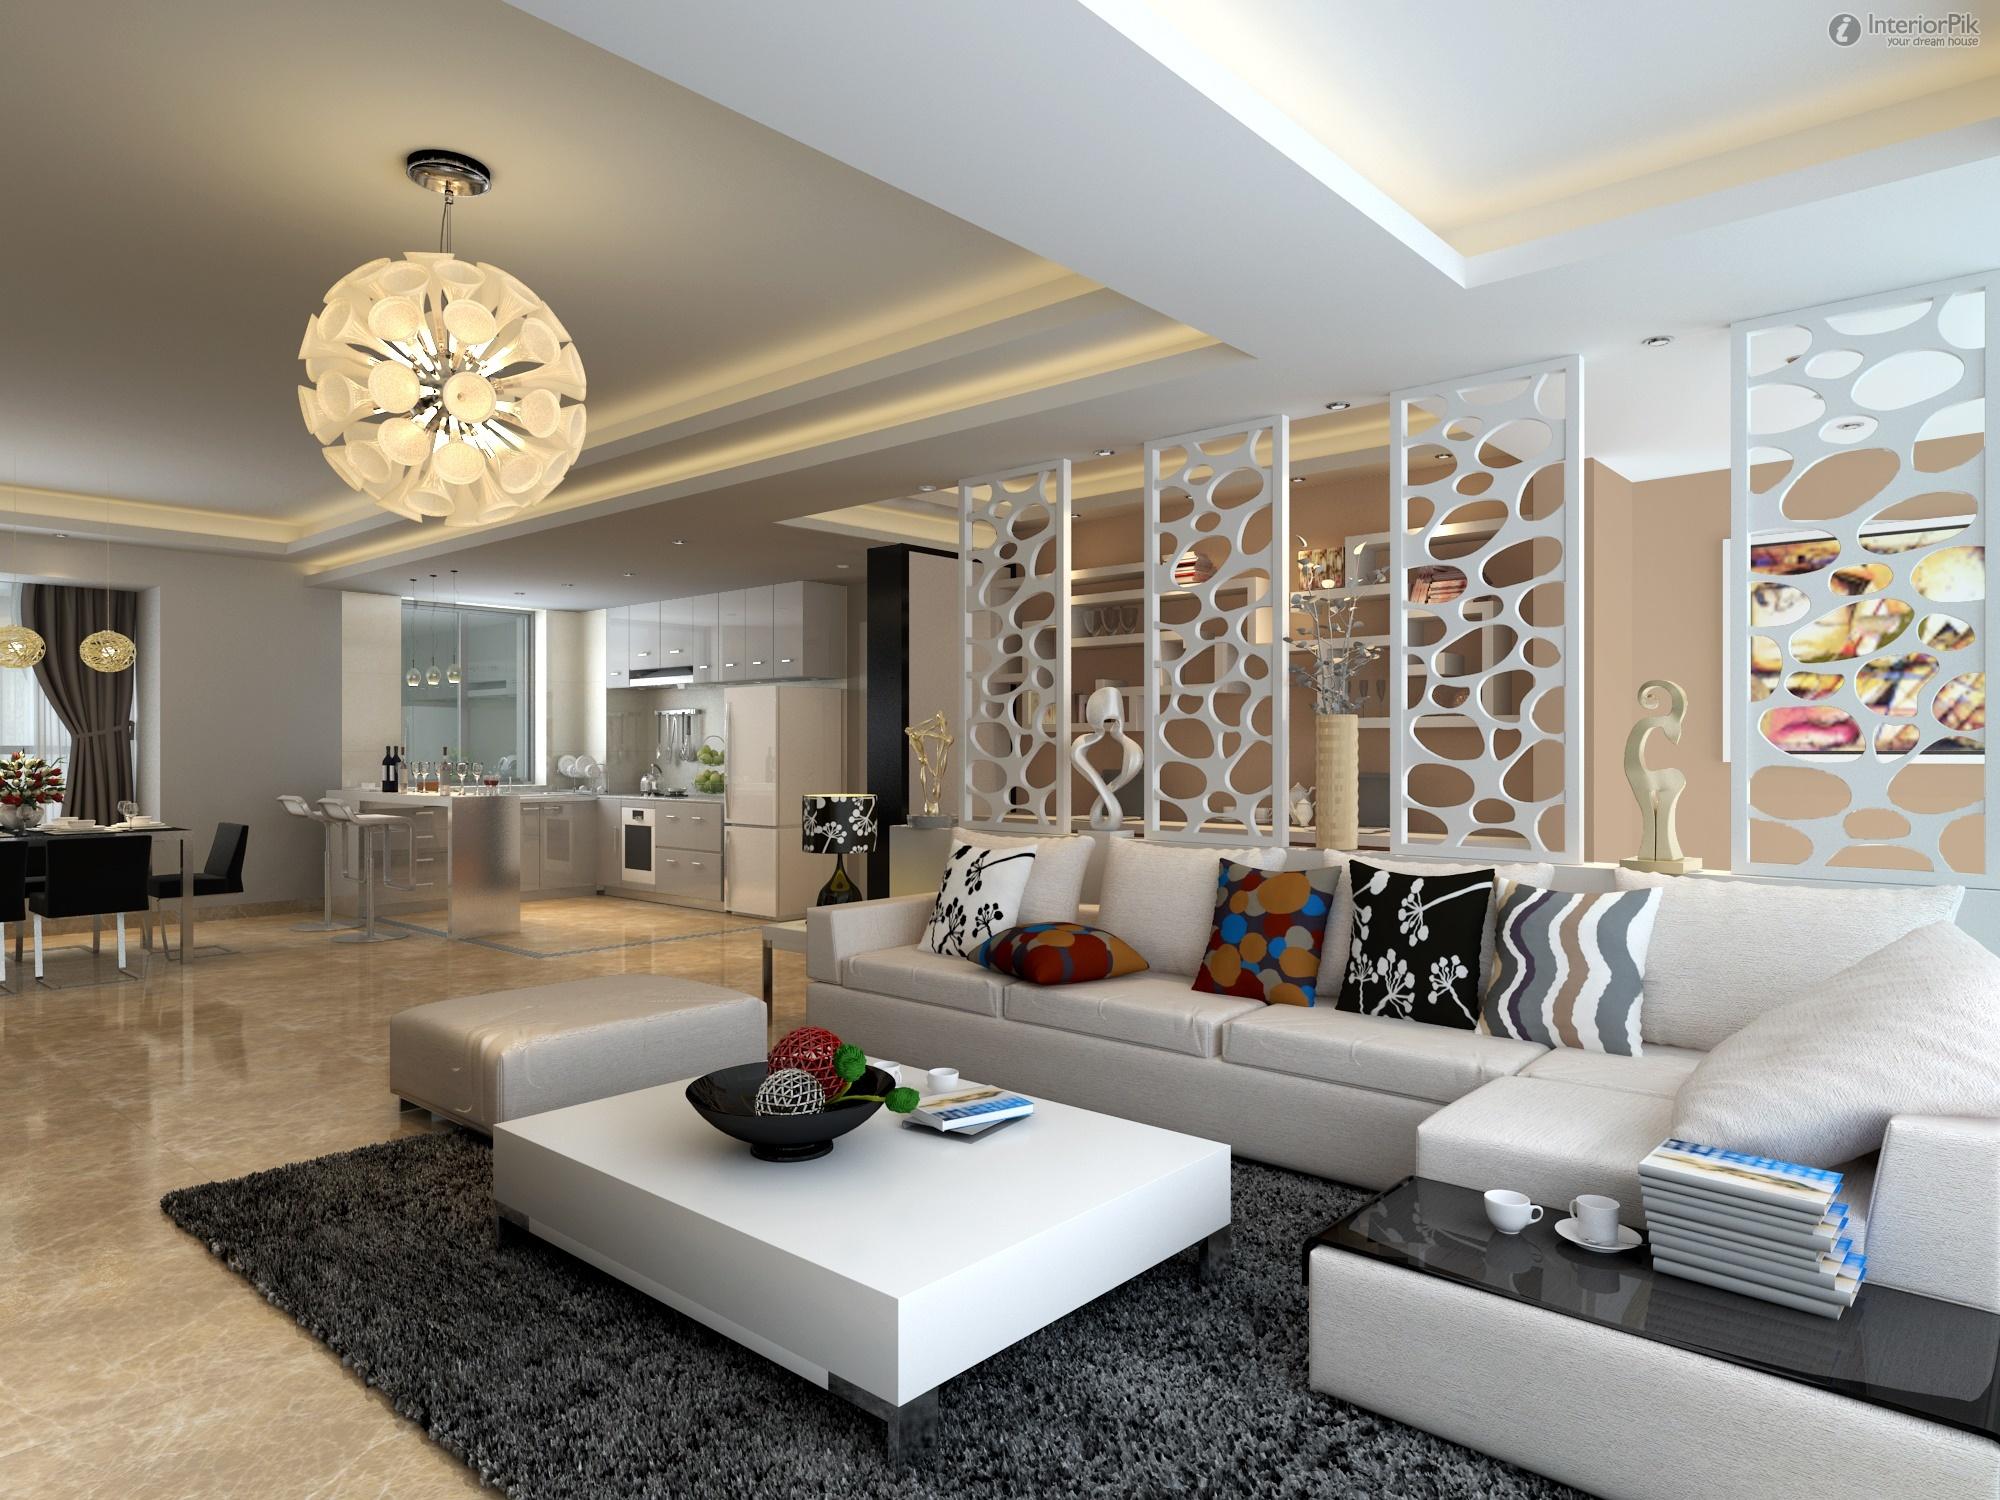 Idea Untuk Ruang Tamu 69 Gambar Hiasan Dalaman Sebuah Bilik Kecil Bilik Bilik Yang Indah Di Sebuah Apartmen Dengan Gaya Moden